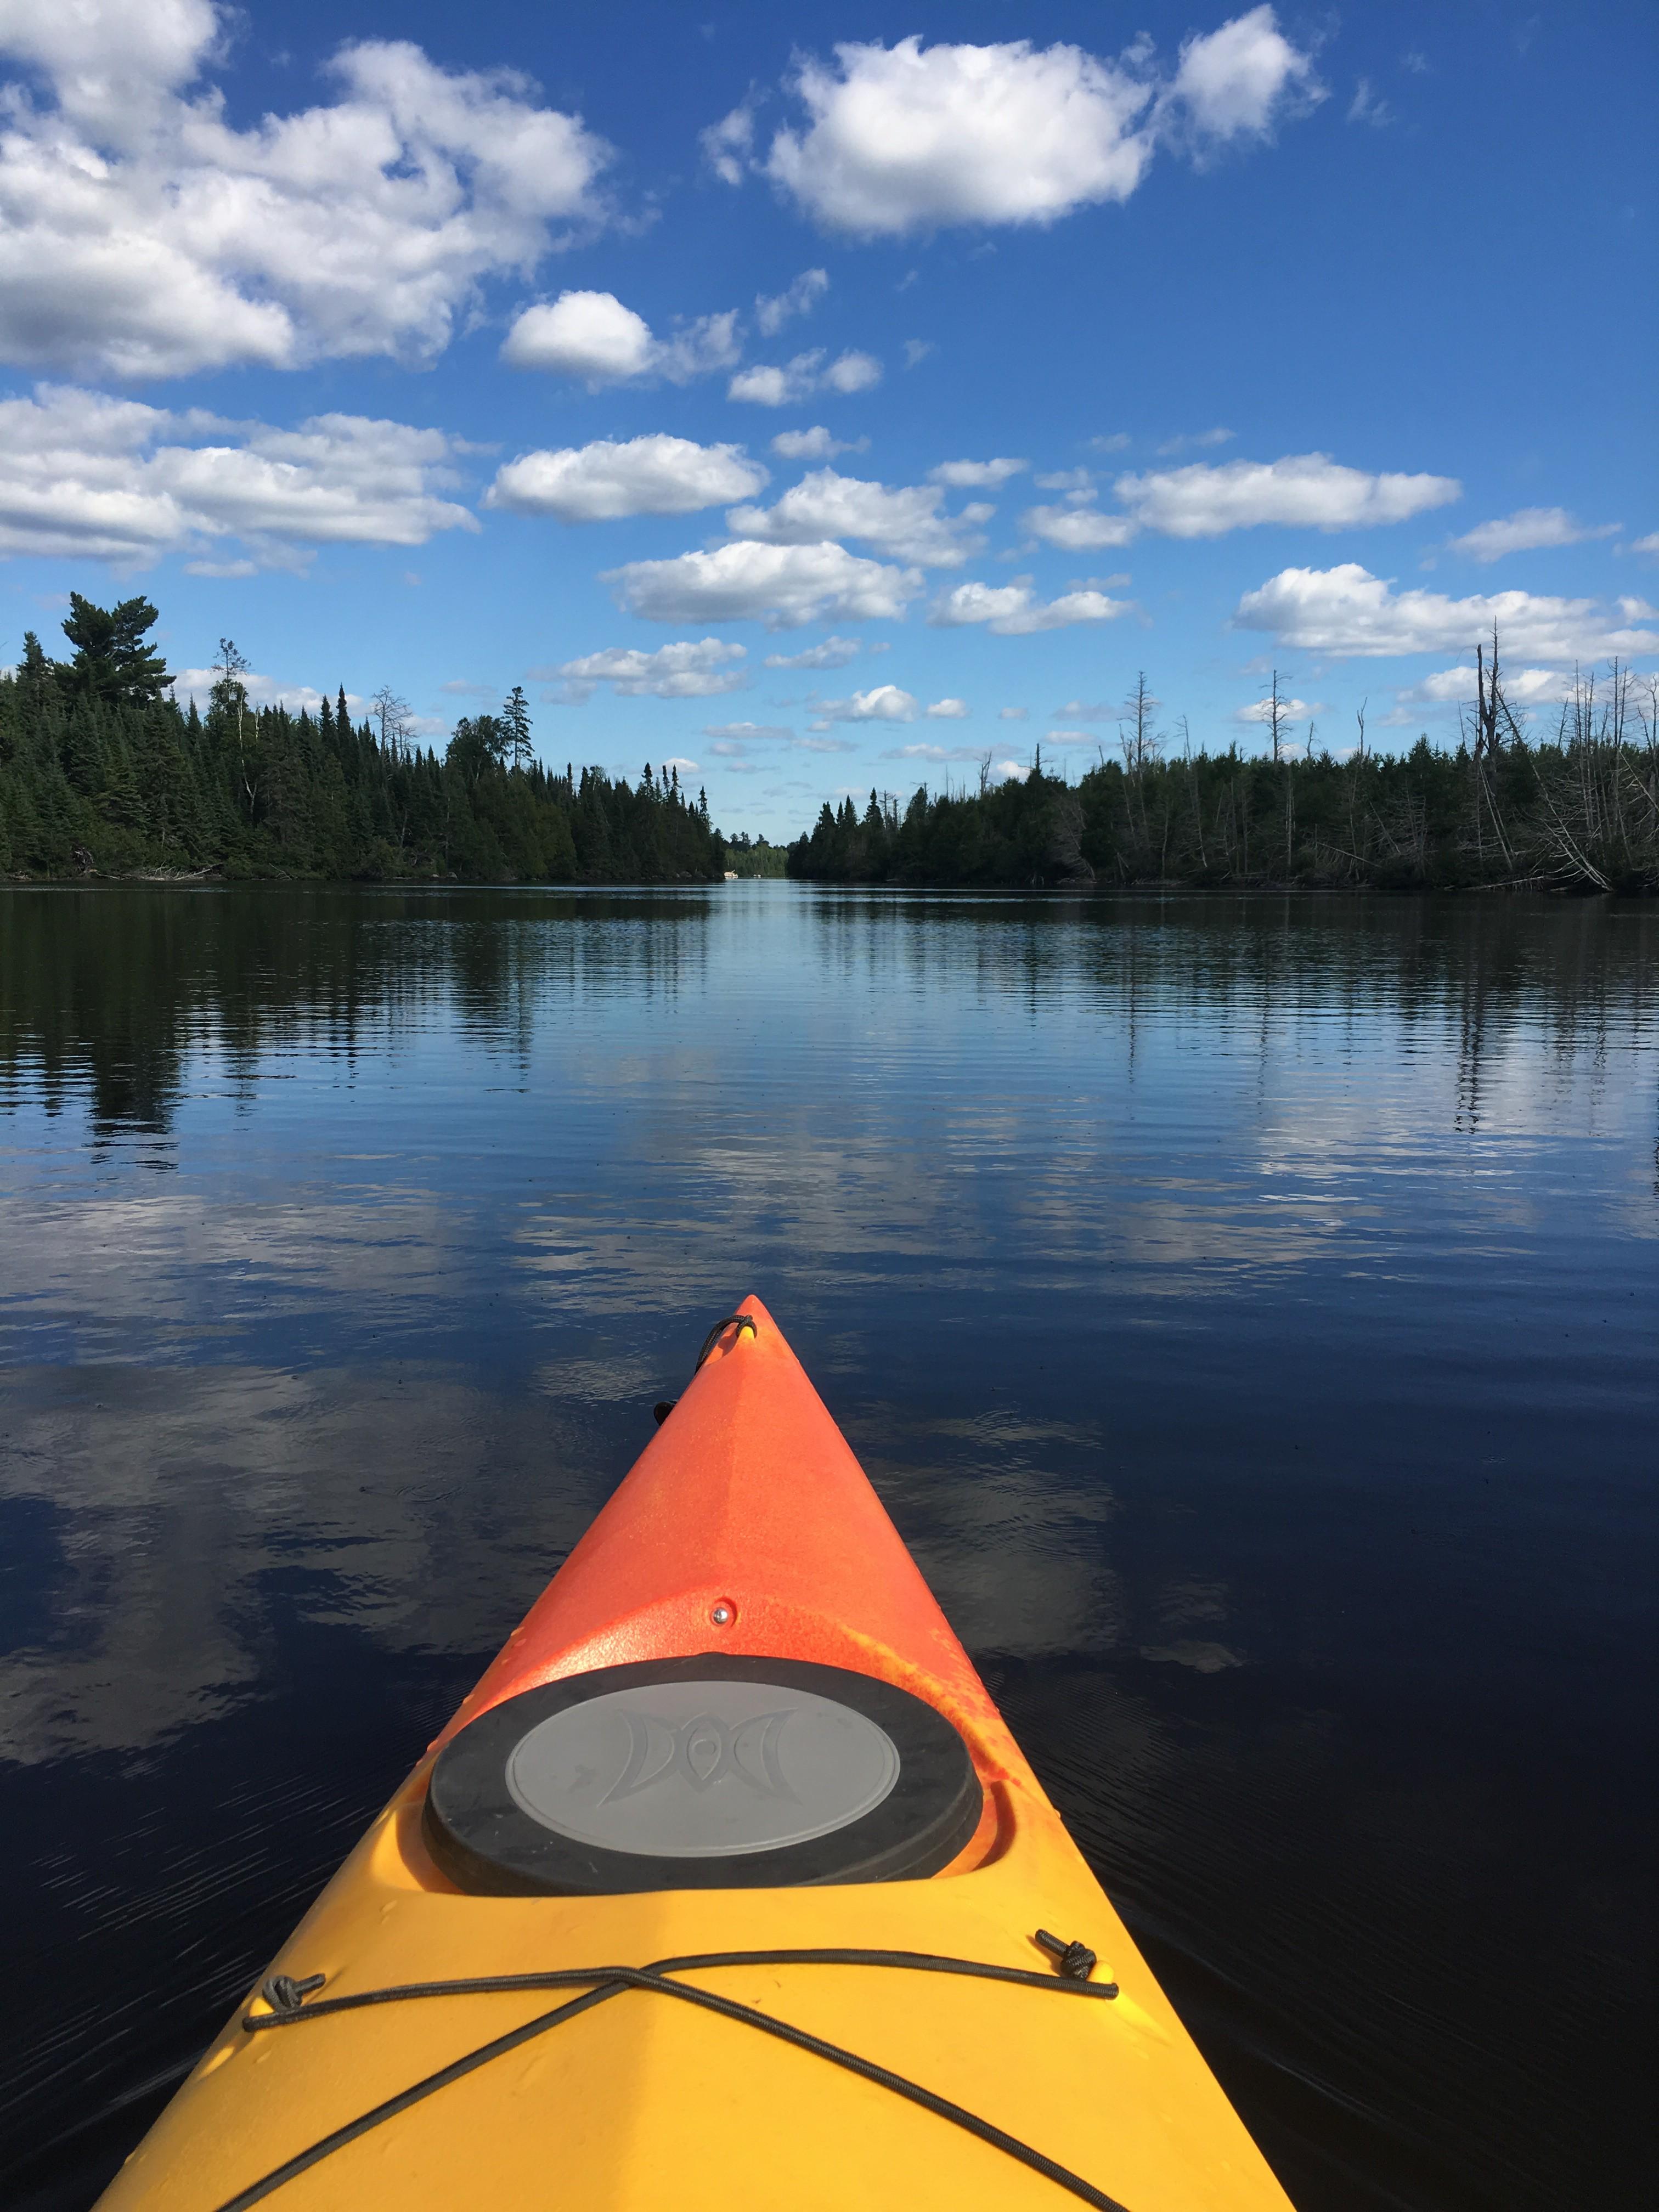 Paul: Kayaking + Exploring Lake Superior